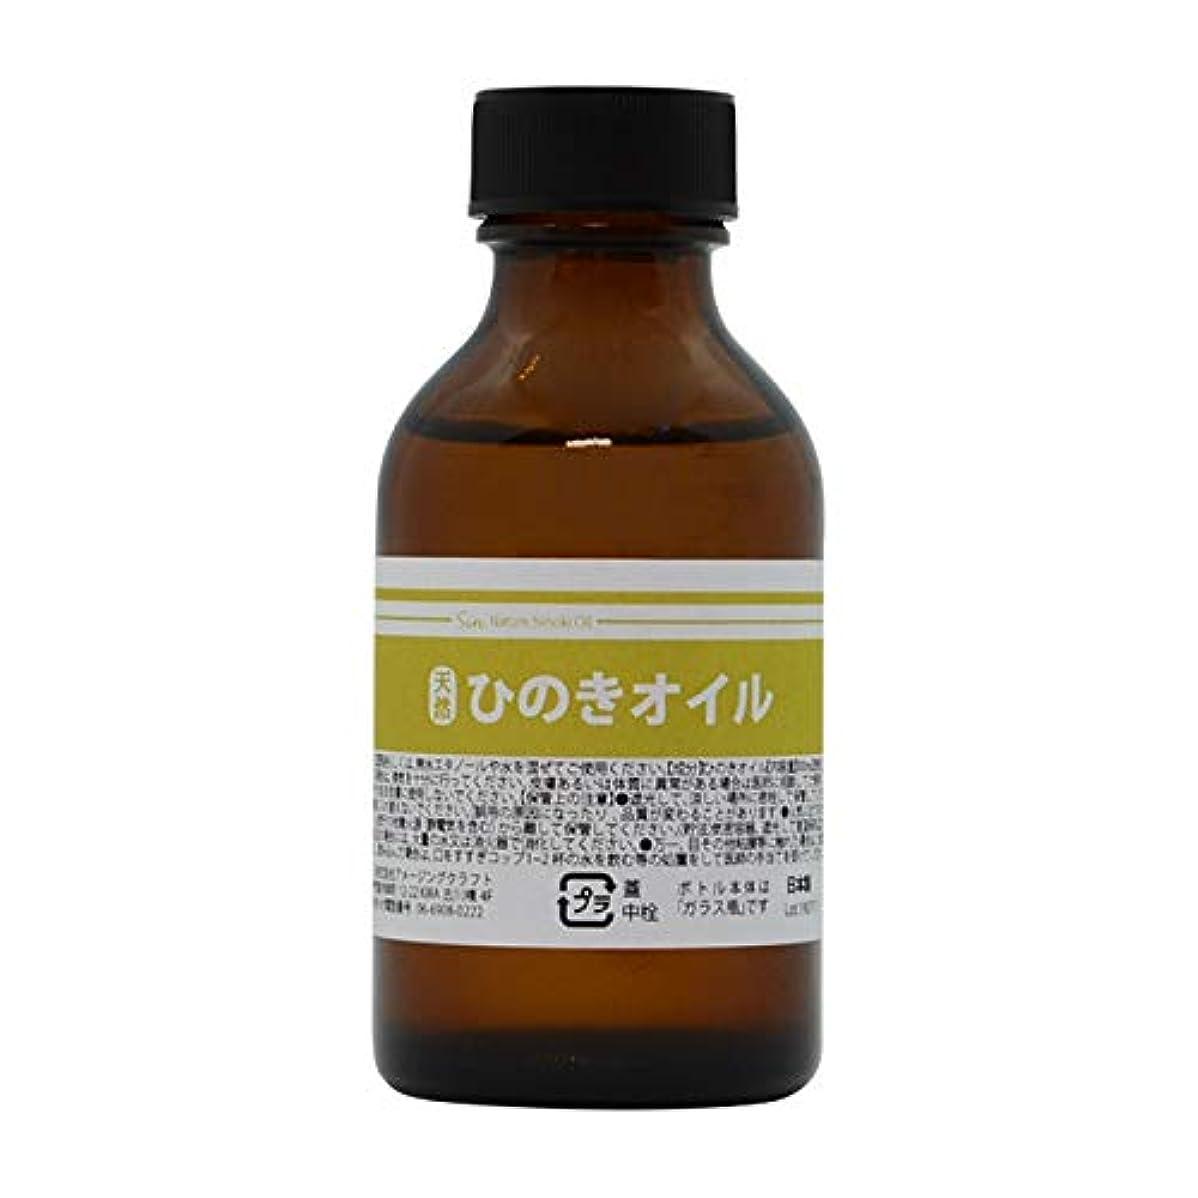 端末優しさアルカイック天然100% 国産 ひのき オイル 100ml アロマオイル ヒノキオイル